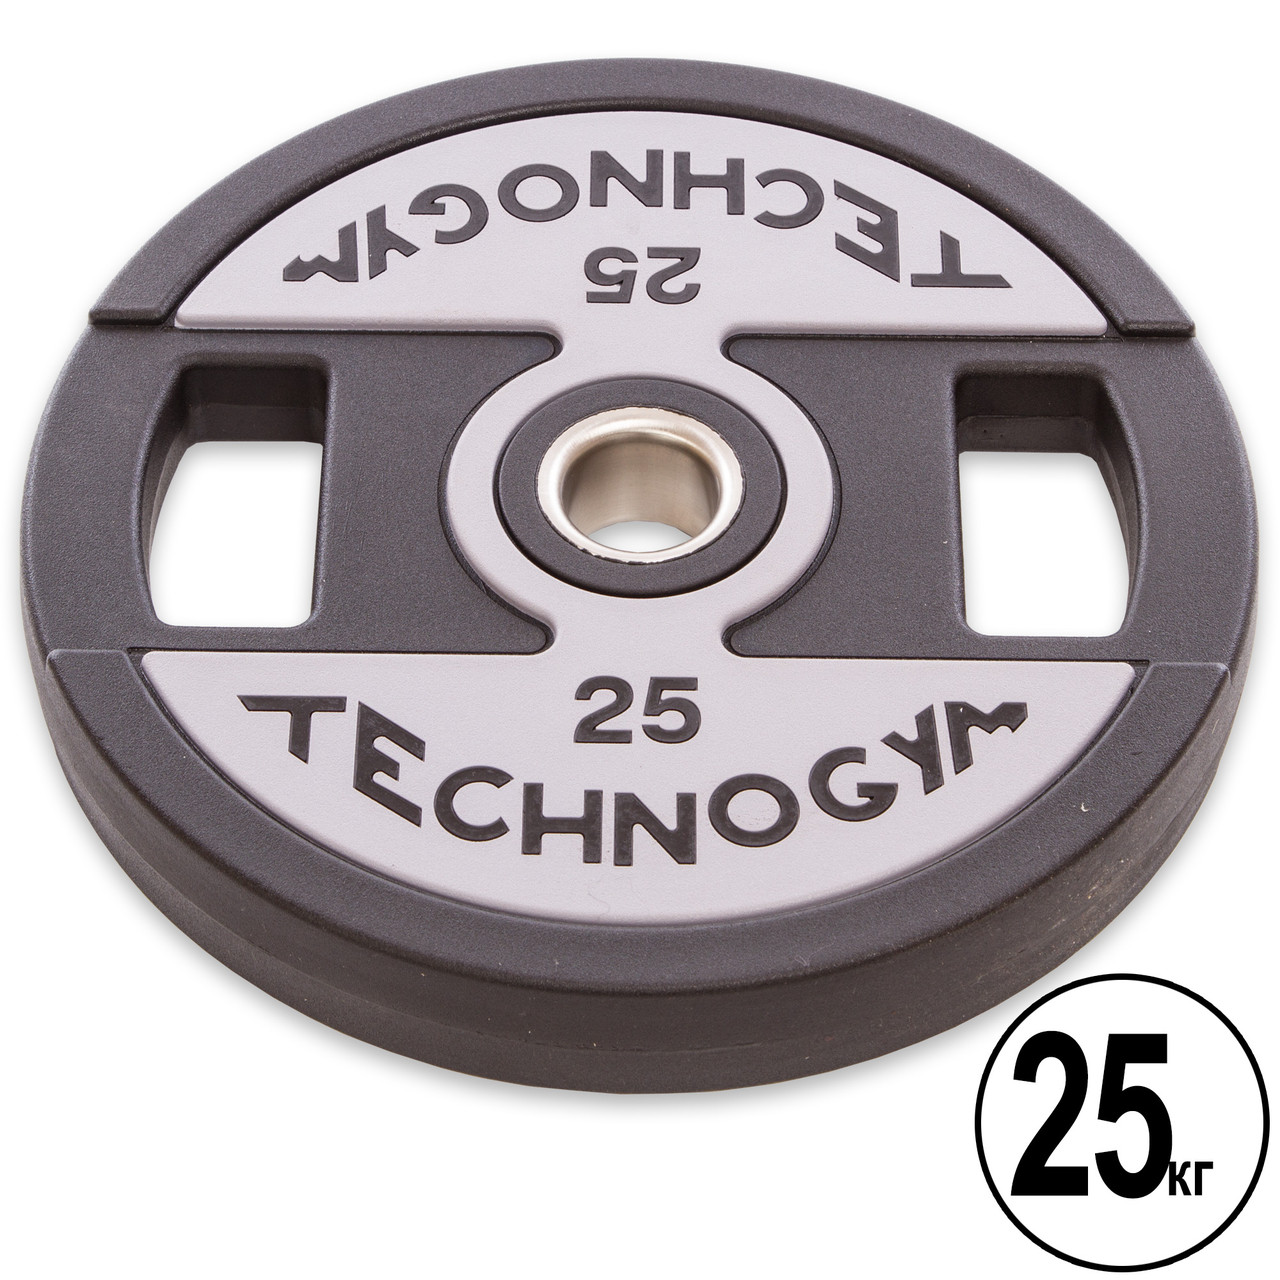 Блины (диски) полиуретановые с хватом и металлической втулкой d-51мм TECHNOGYM TG-1837-25 25кг (черный)